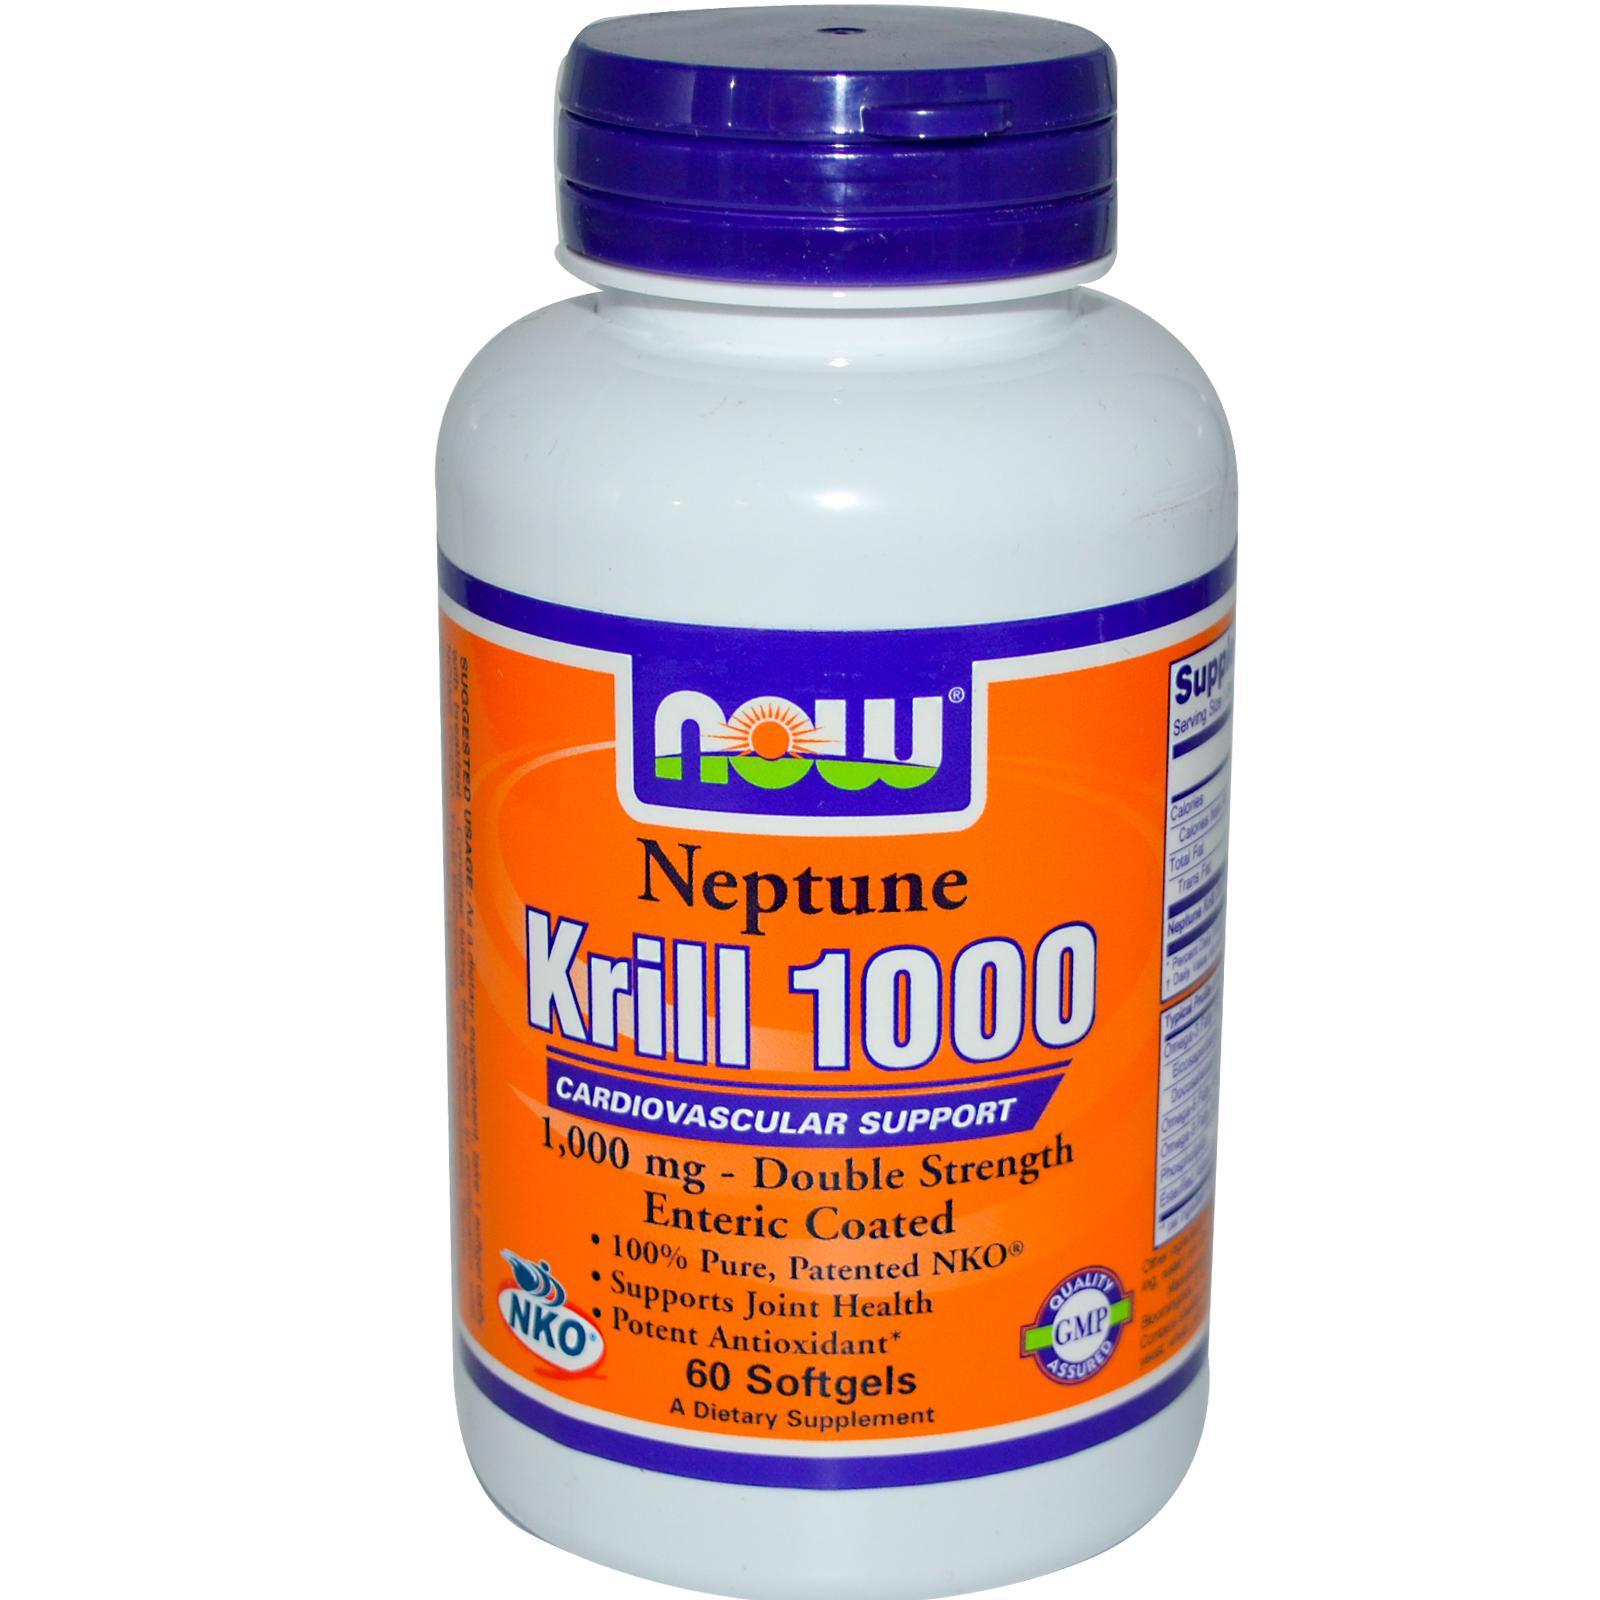 Neptune Krill 1000 duy trì sức khỏe tim mạch tối ưu